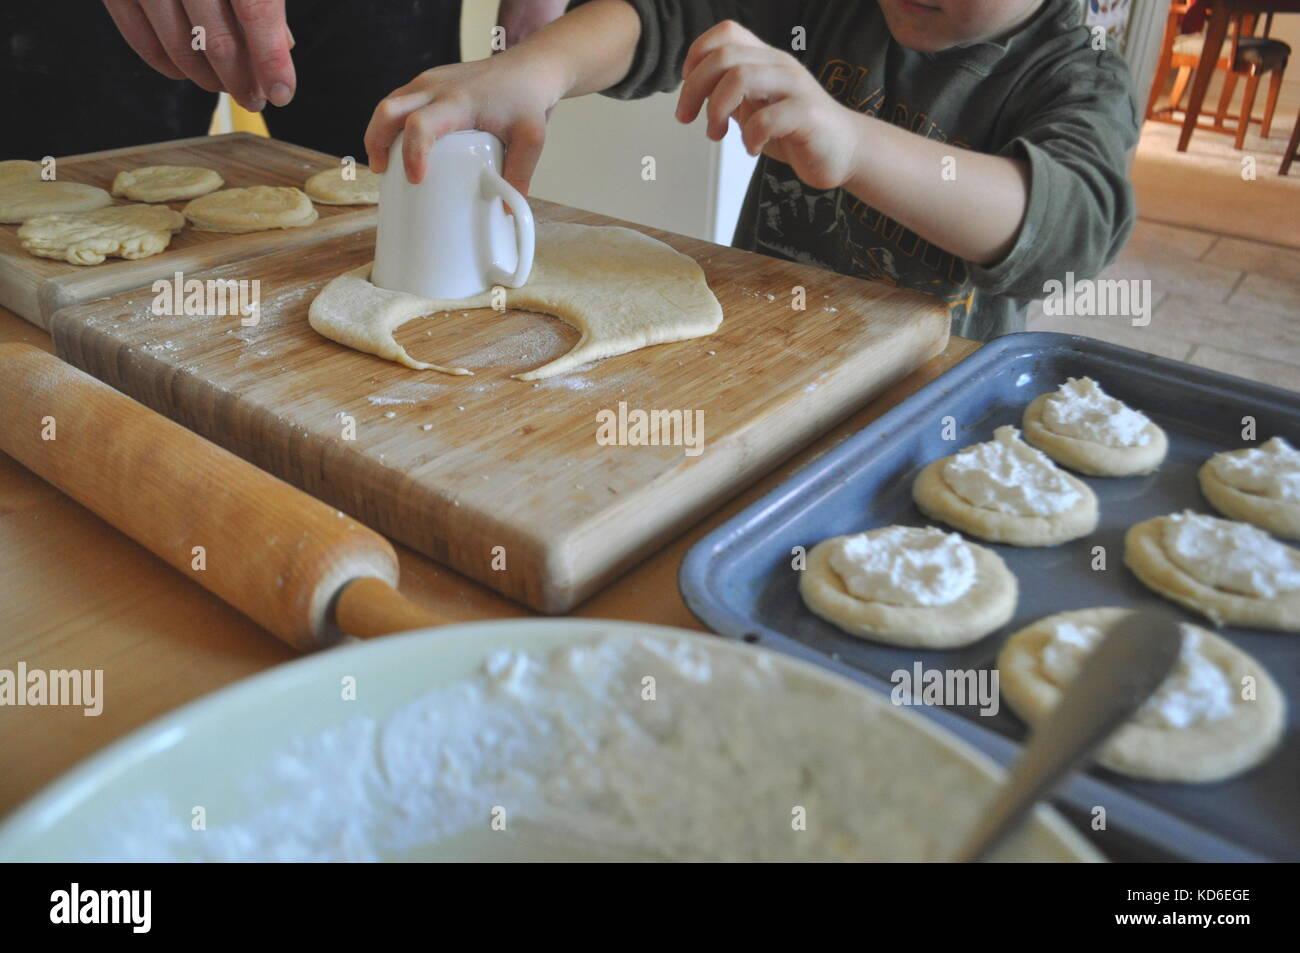 Essen Vorbereitung - Vater und Kind zusammen backen Hefeteig Teig am ...